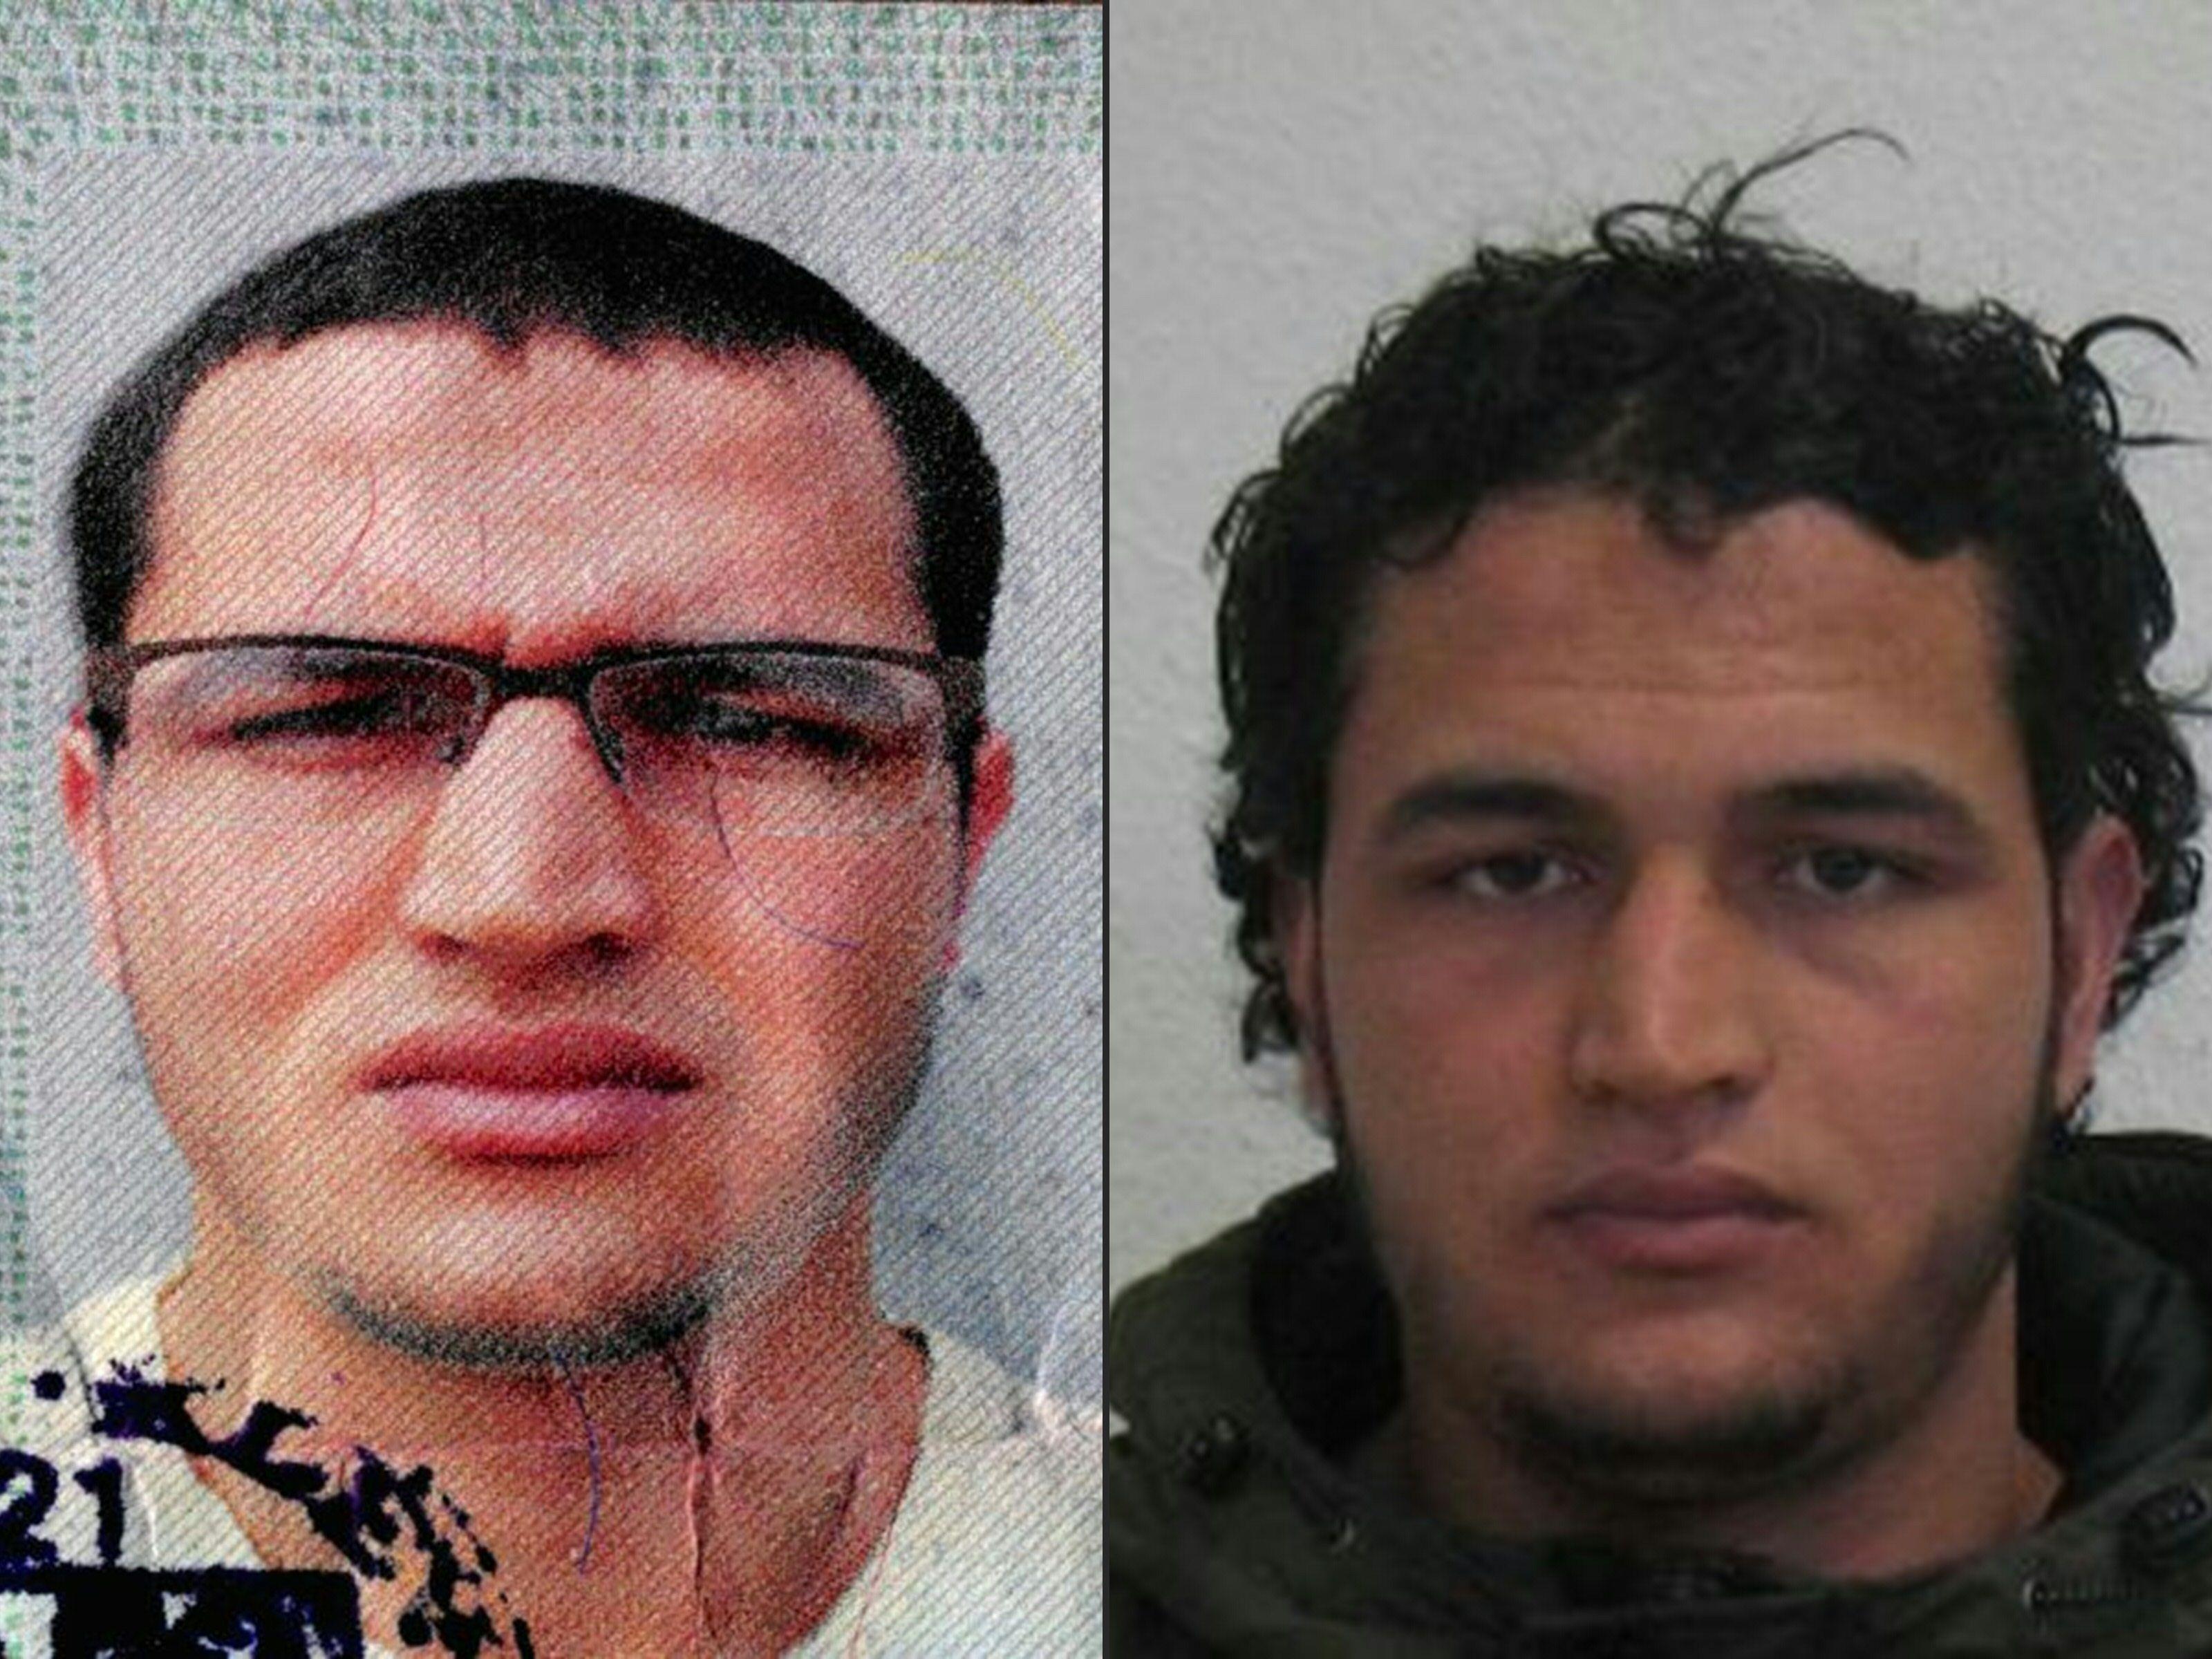 Als islamistischer Gefährder im Visier der Behörden.